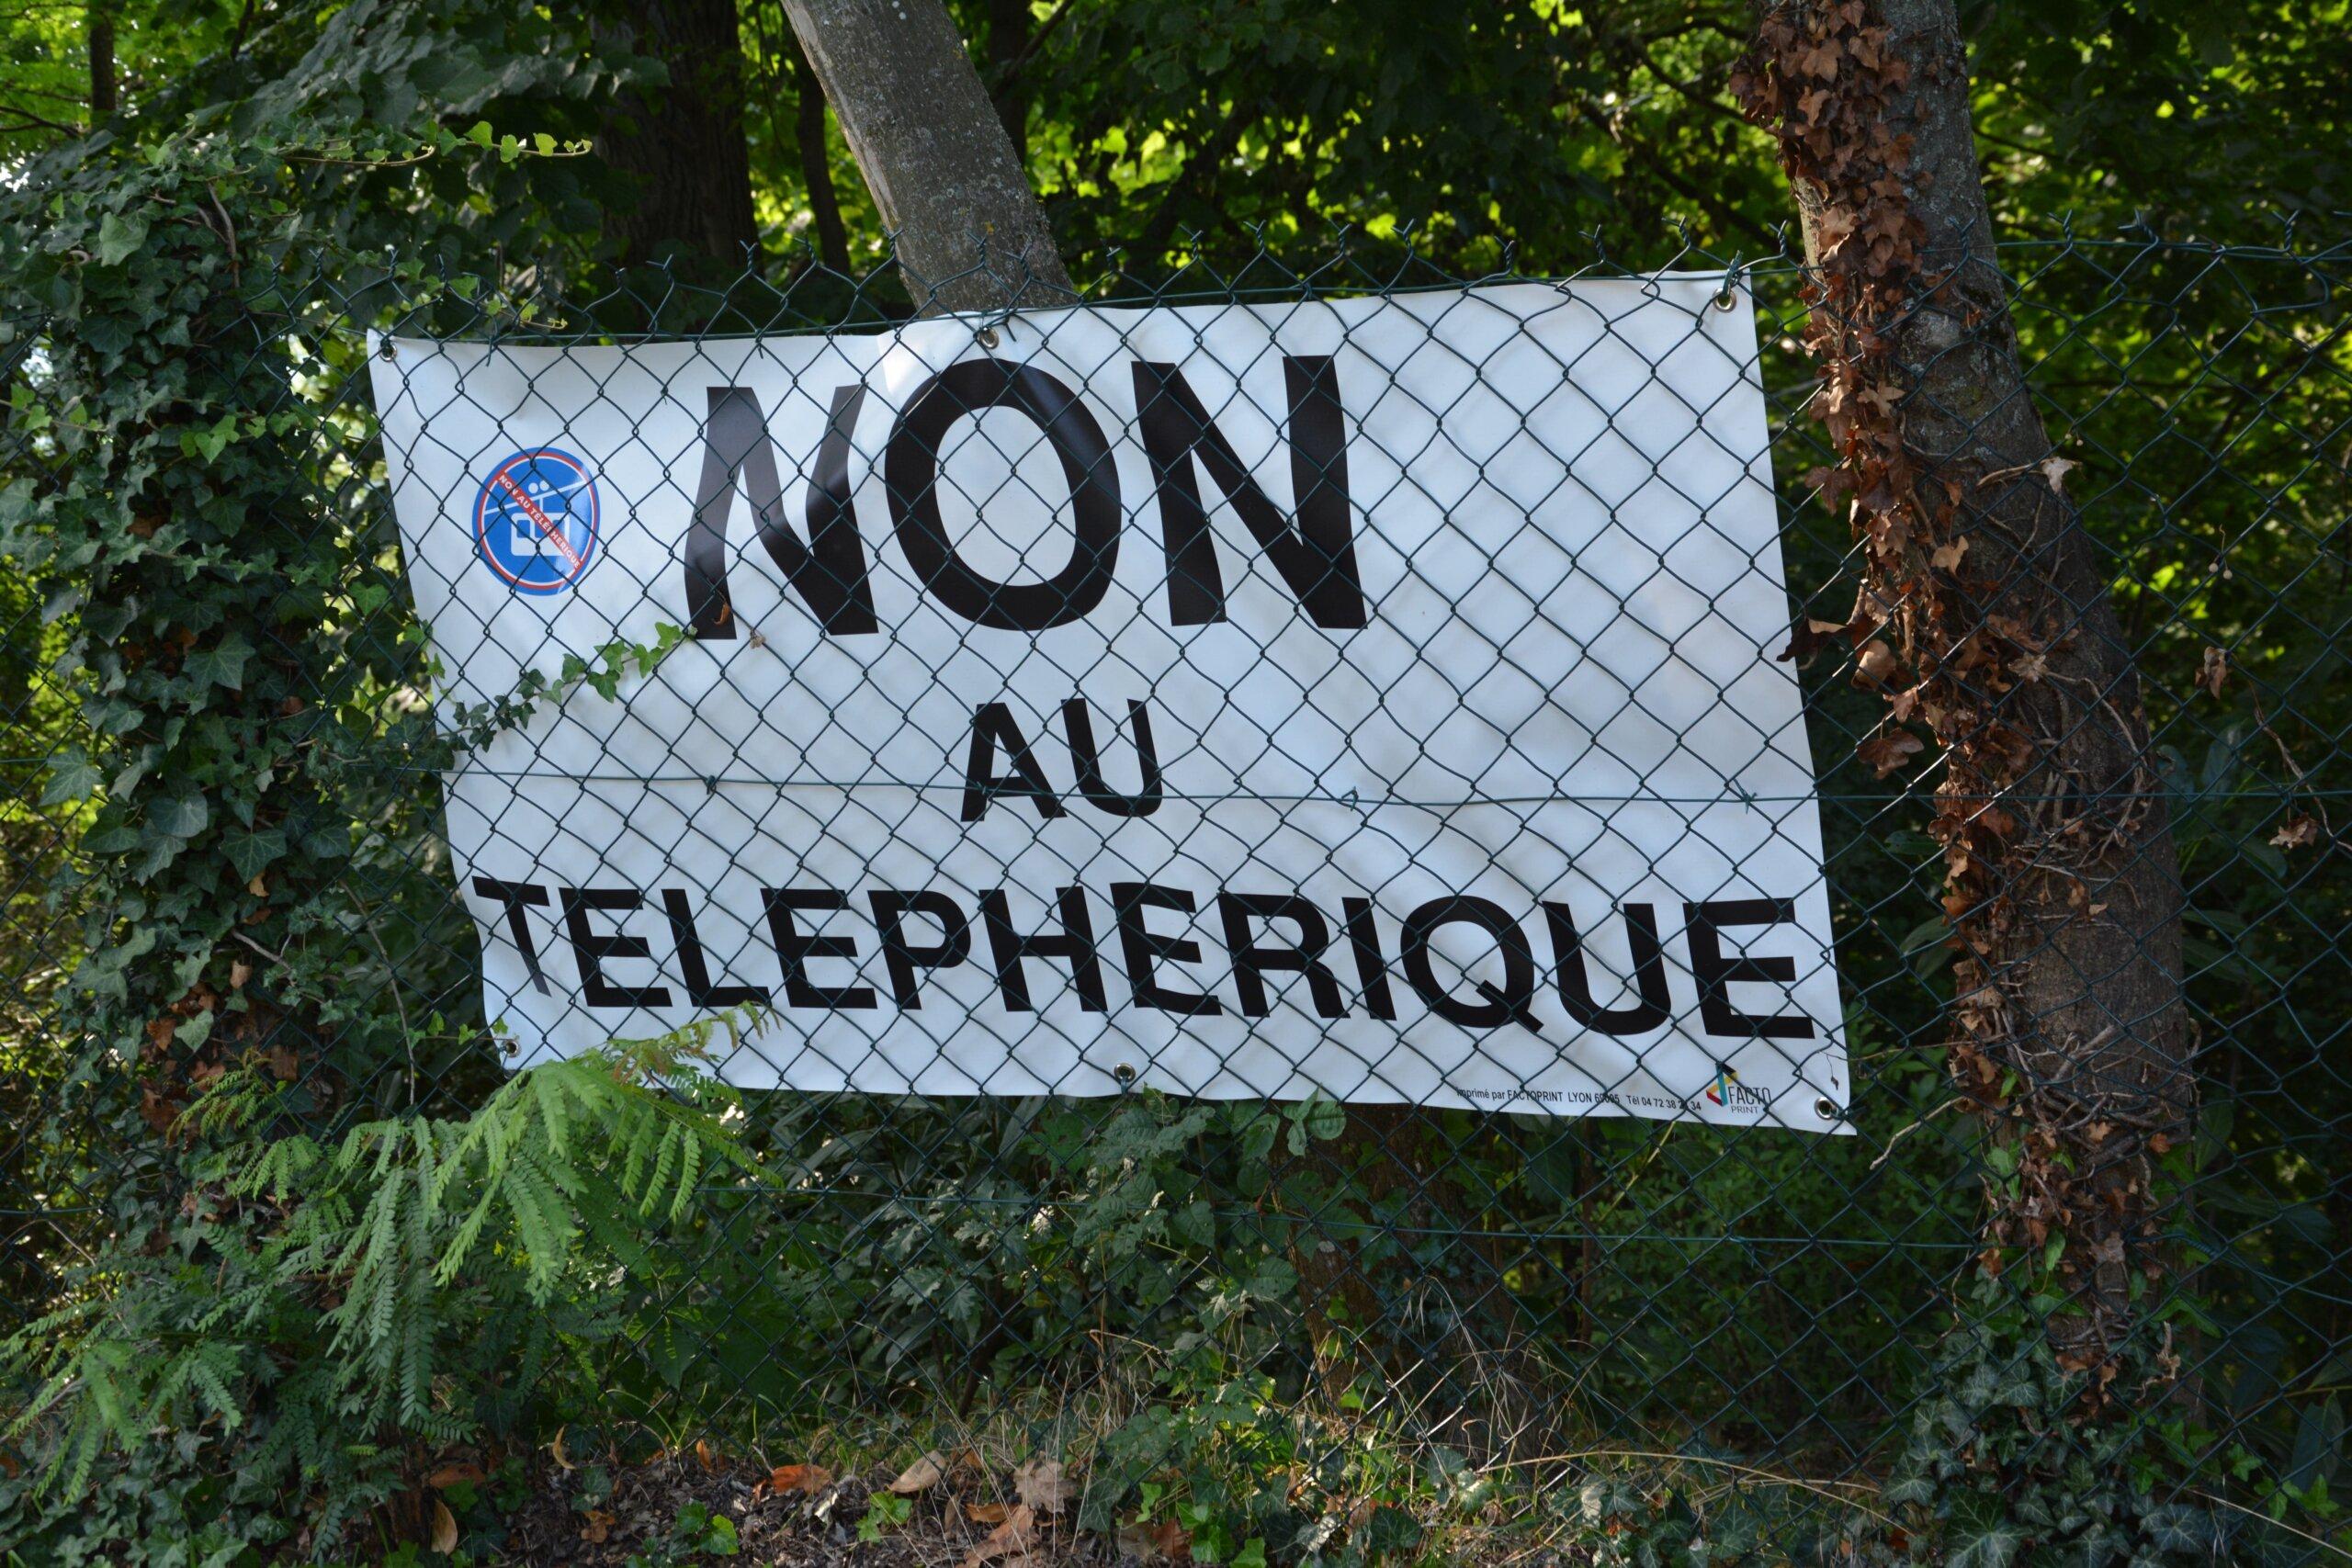 Des habitants de Sainte-Foy-Lès-Lyon pointent les potentiels dégâts environnementaux du projet de téléphérique.